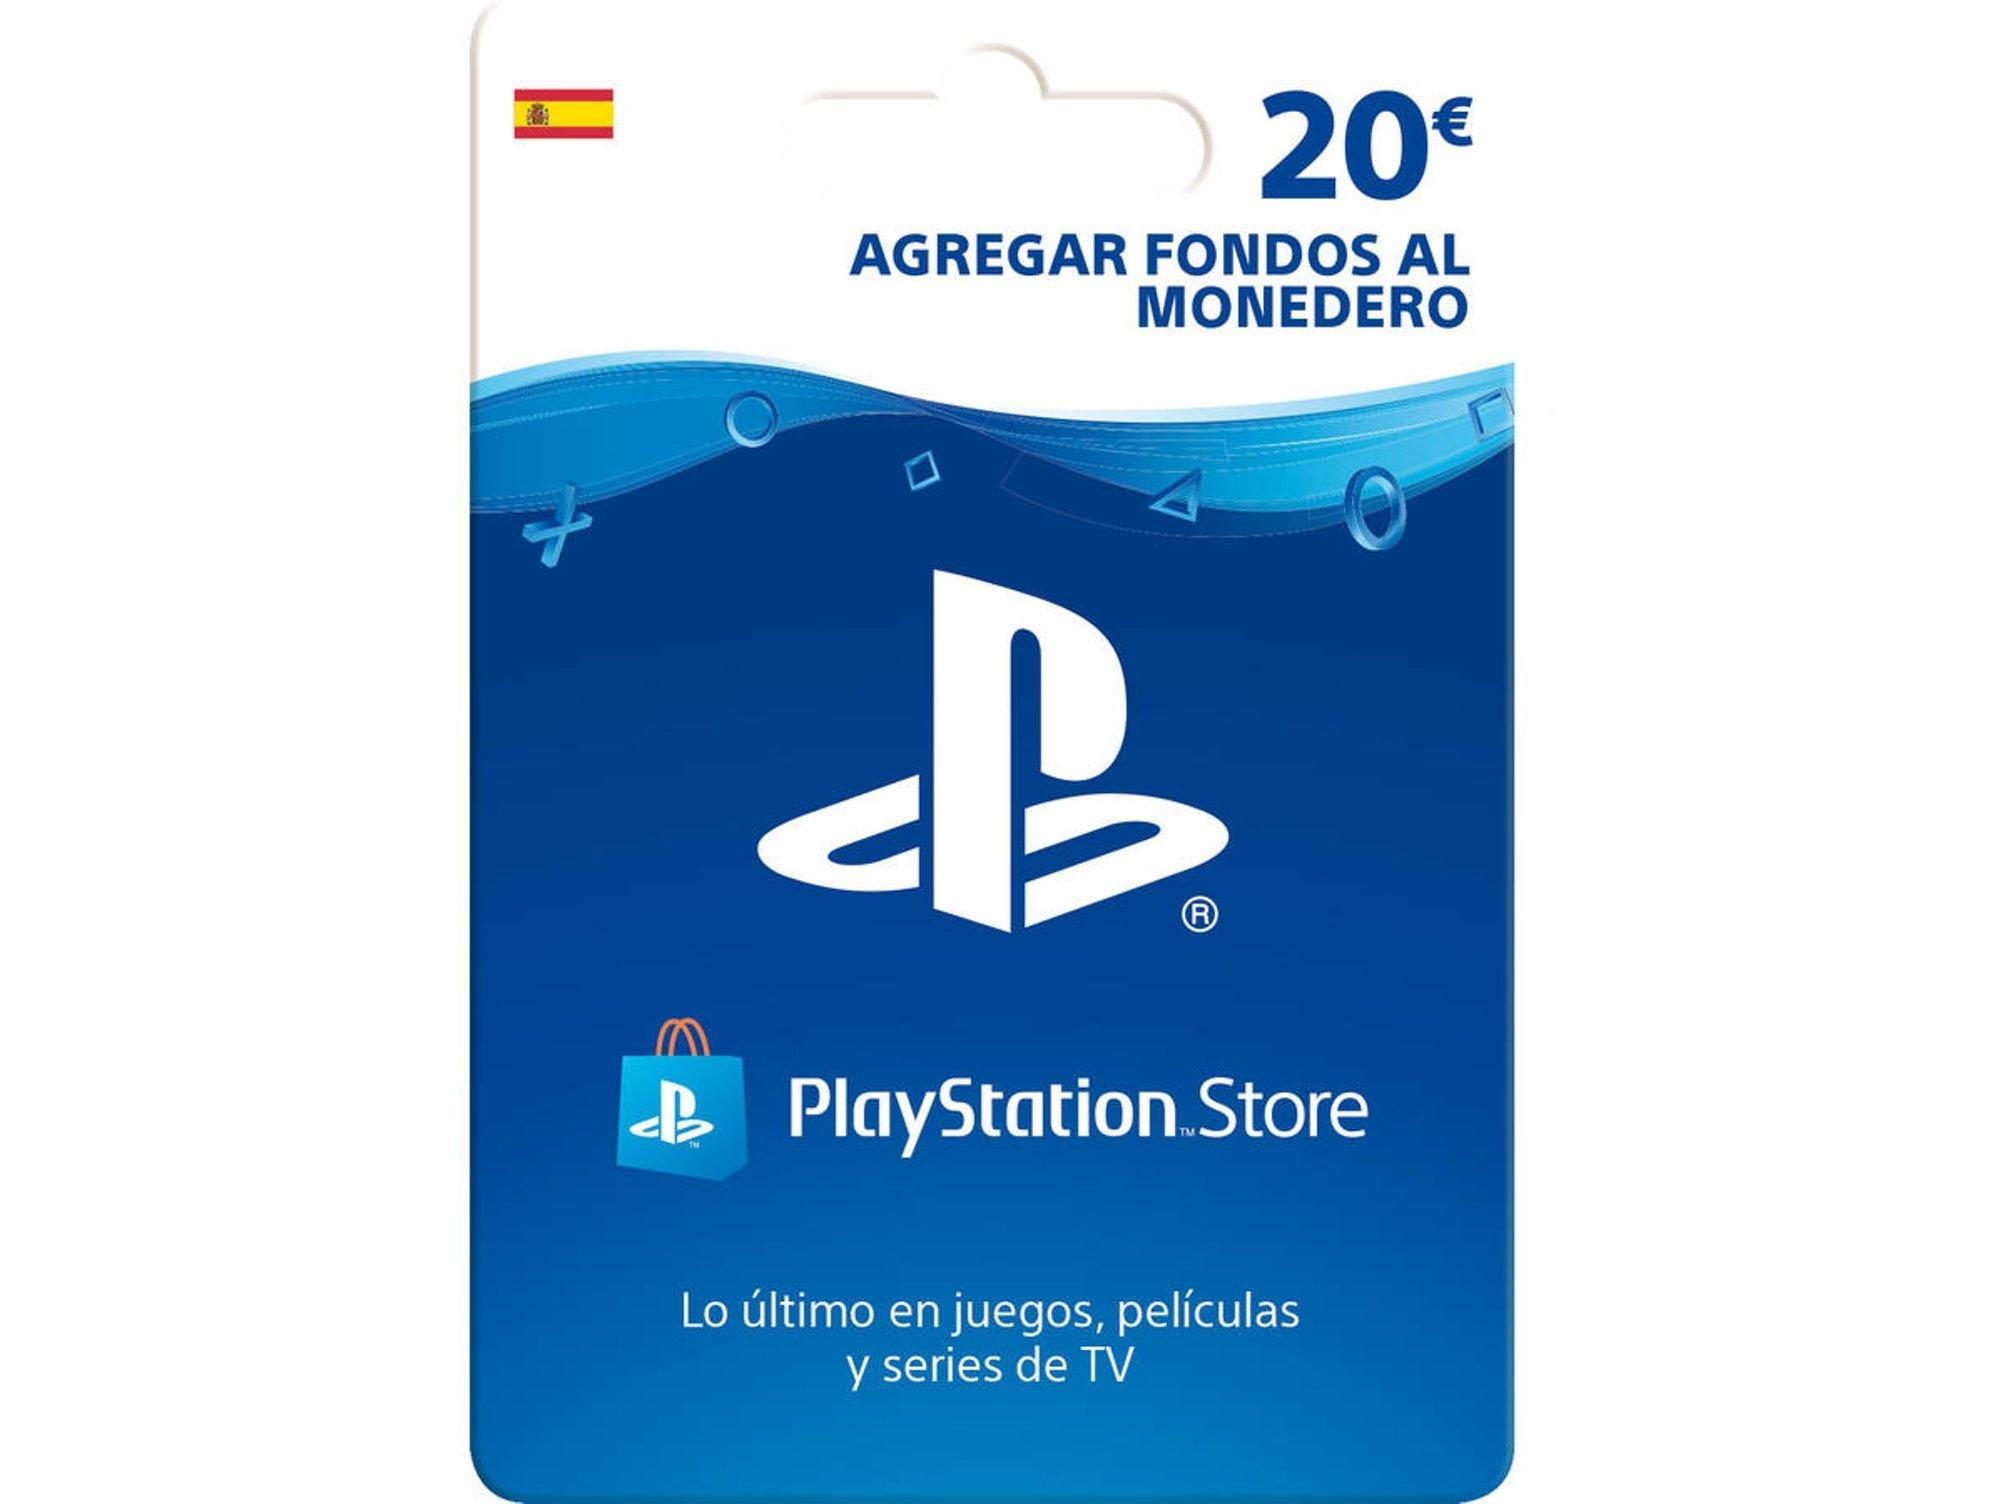 Tarjetas PSN de 20€ y 50€ formato físico por 18€ y 45€